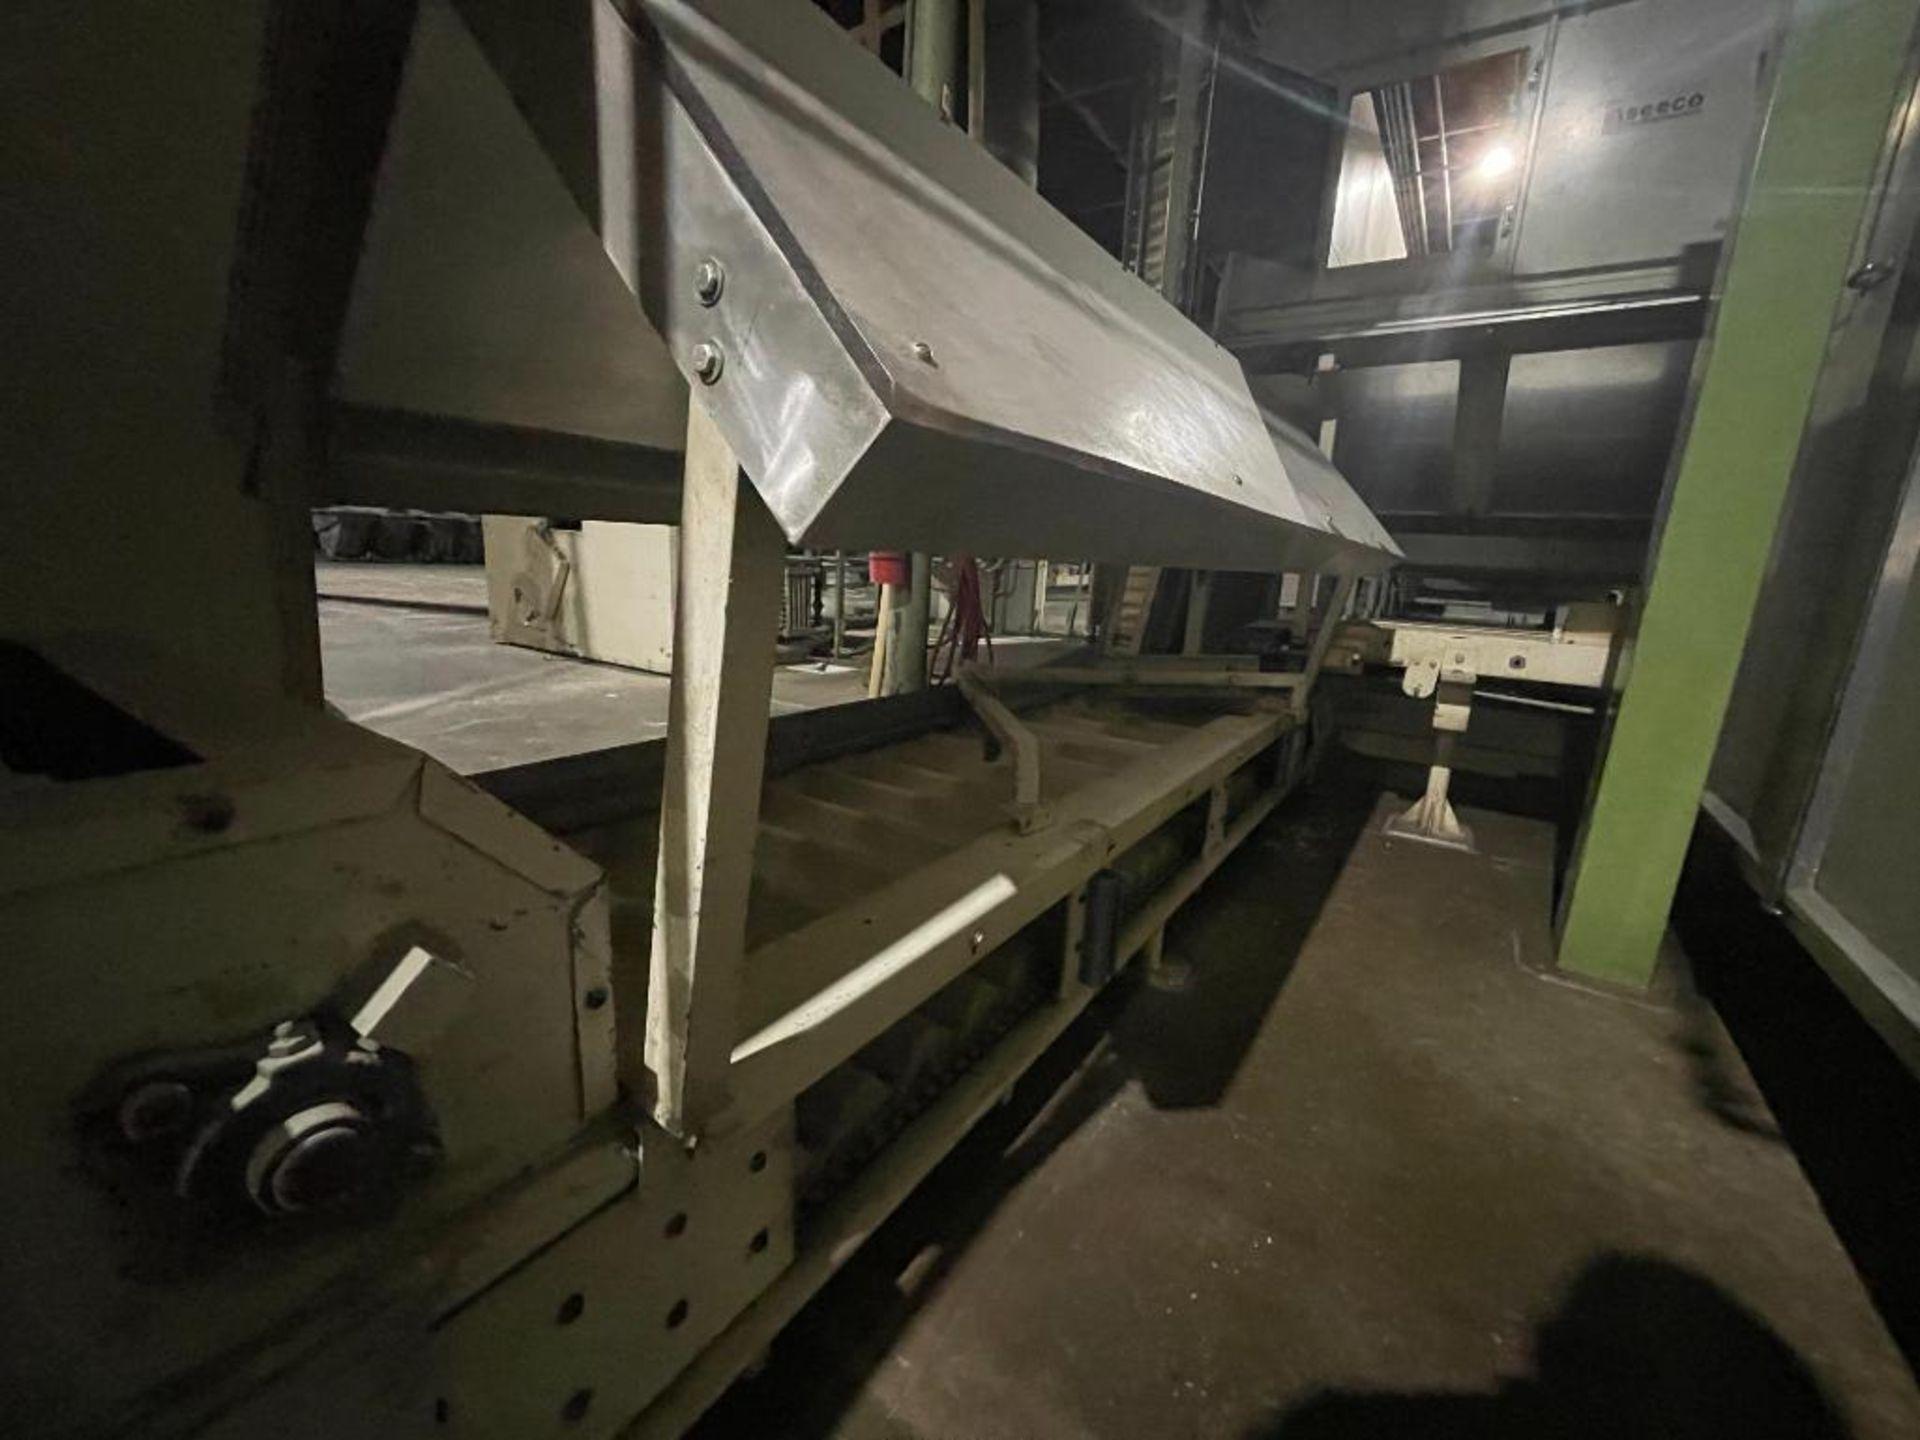 Aseeco overlapping bucket elevator - Image 10 of 14